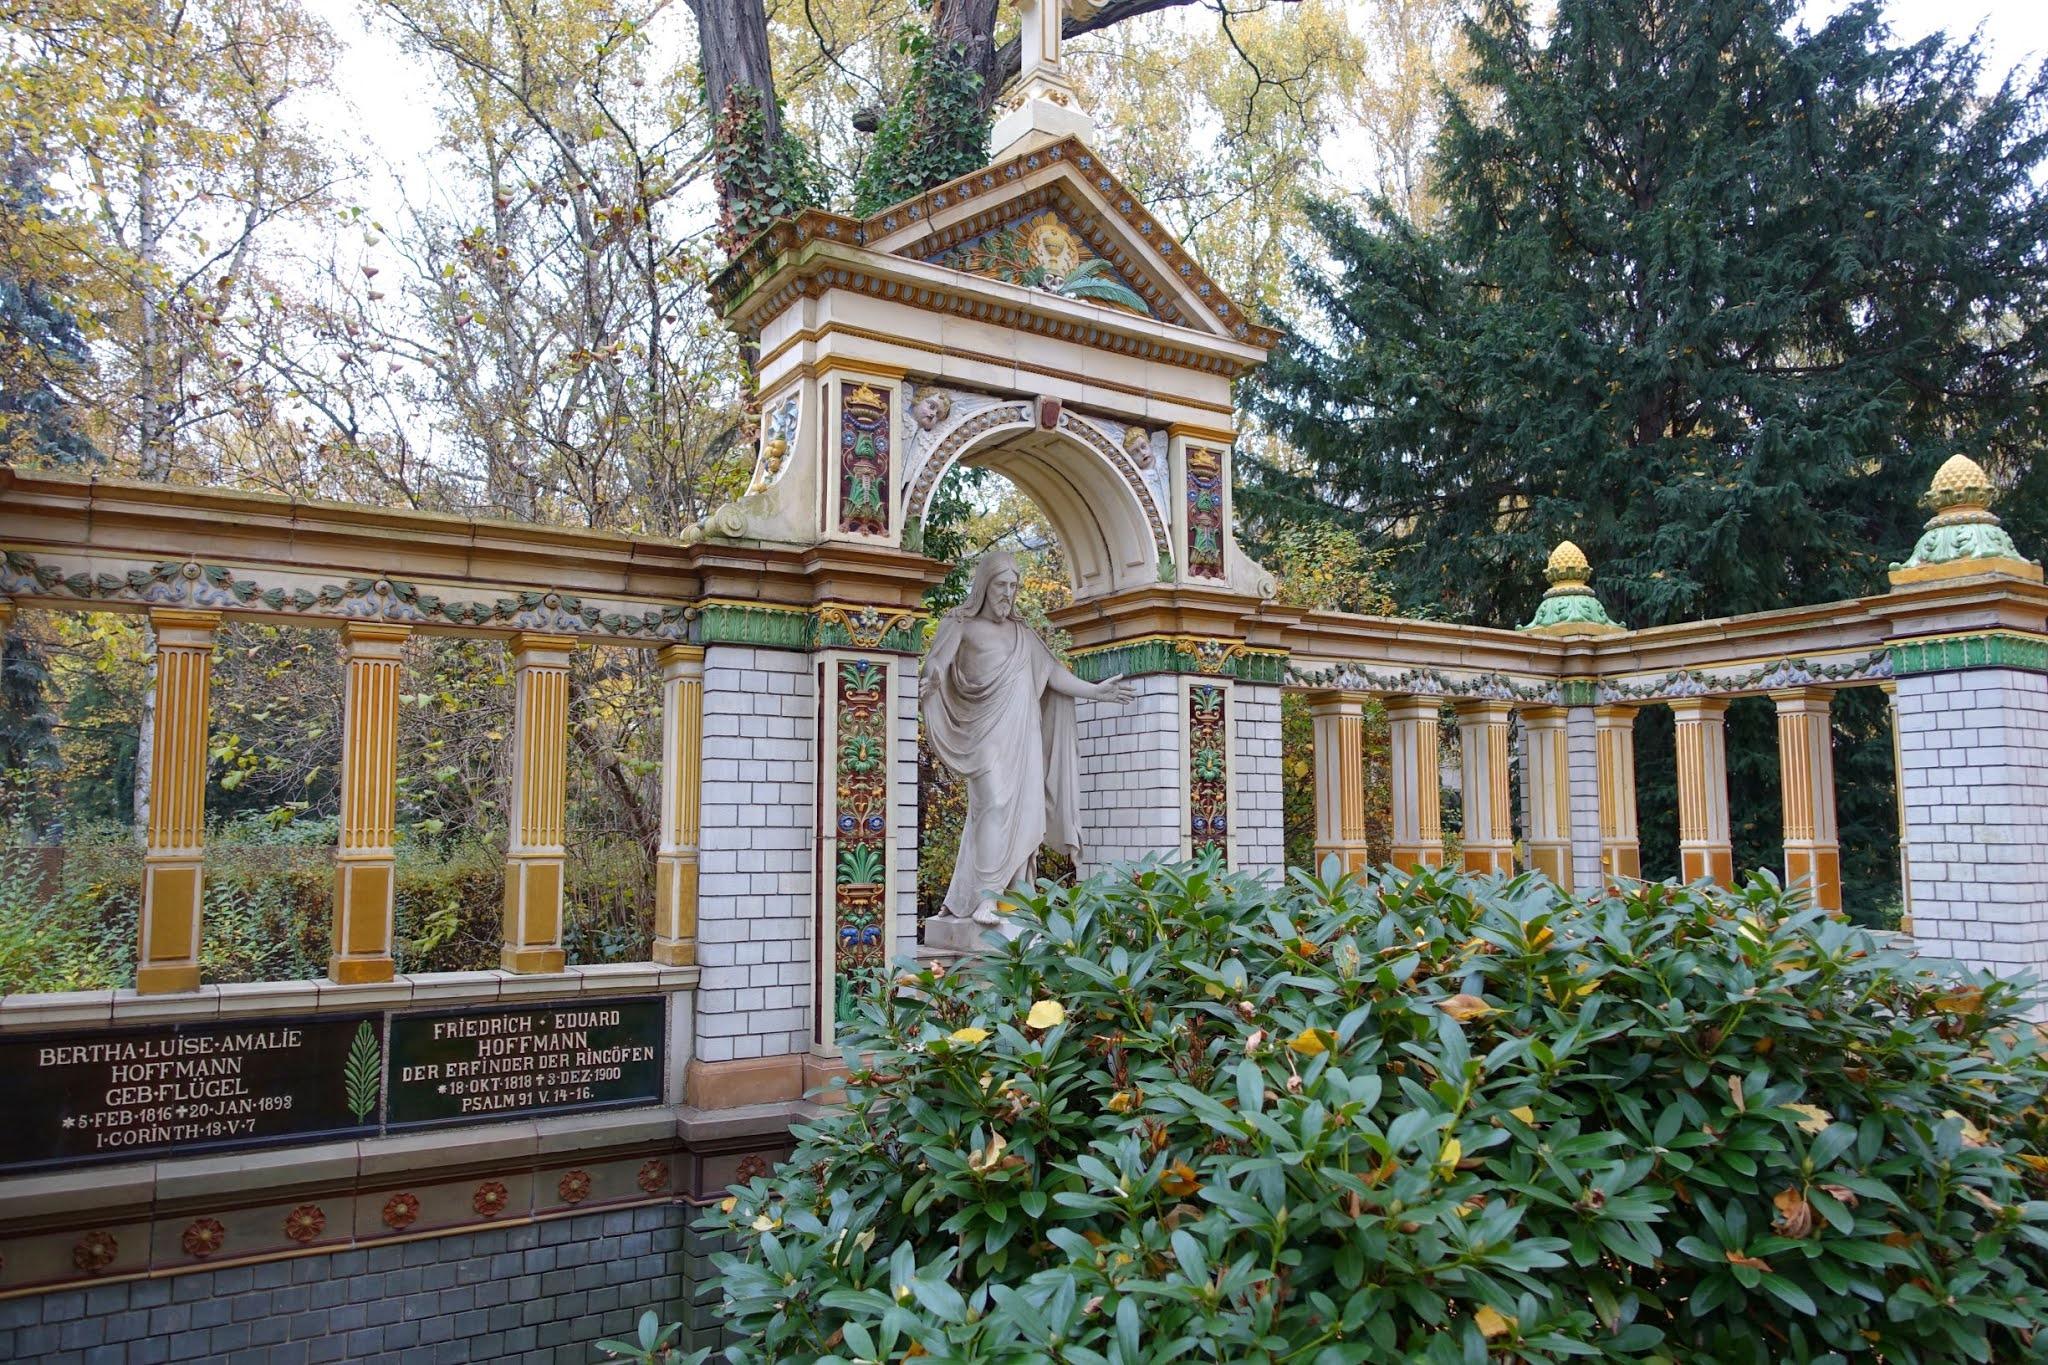 Dorotheenstädtischer Friedhof (Berlin, Germany)